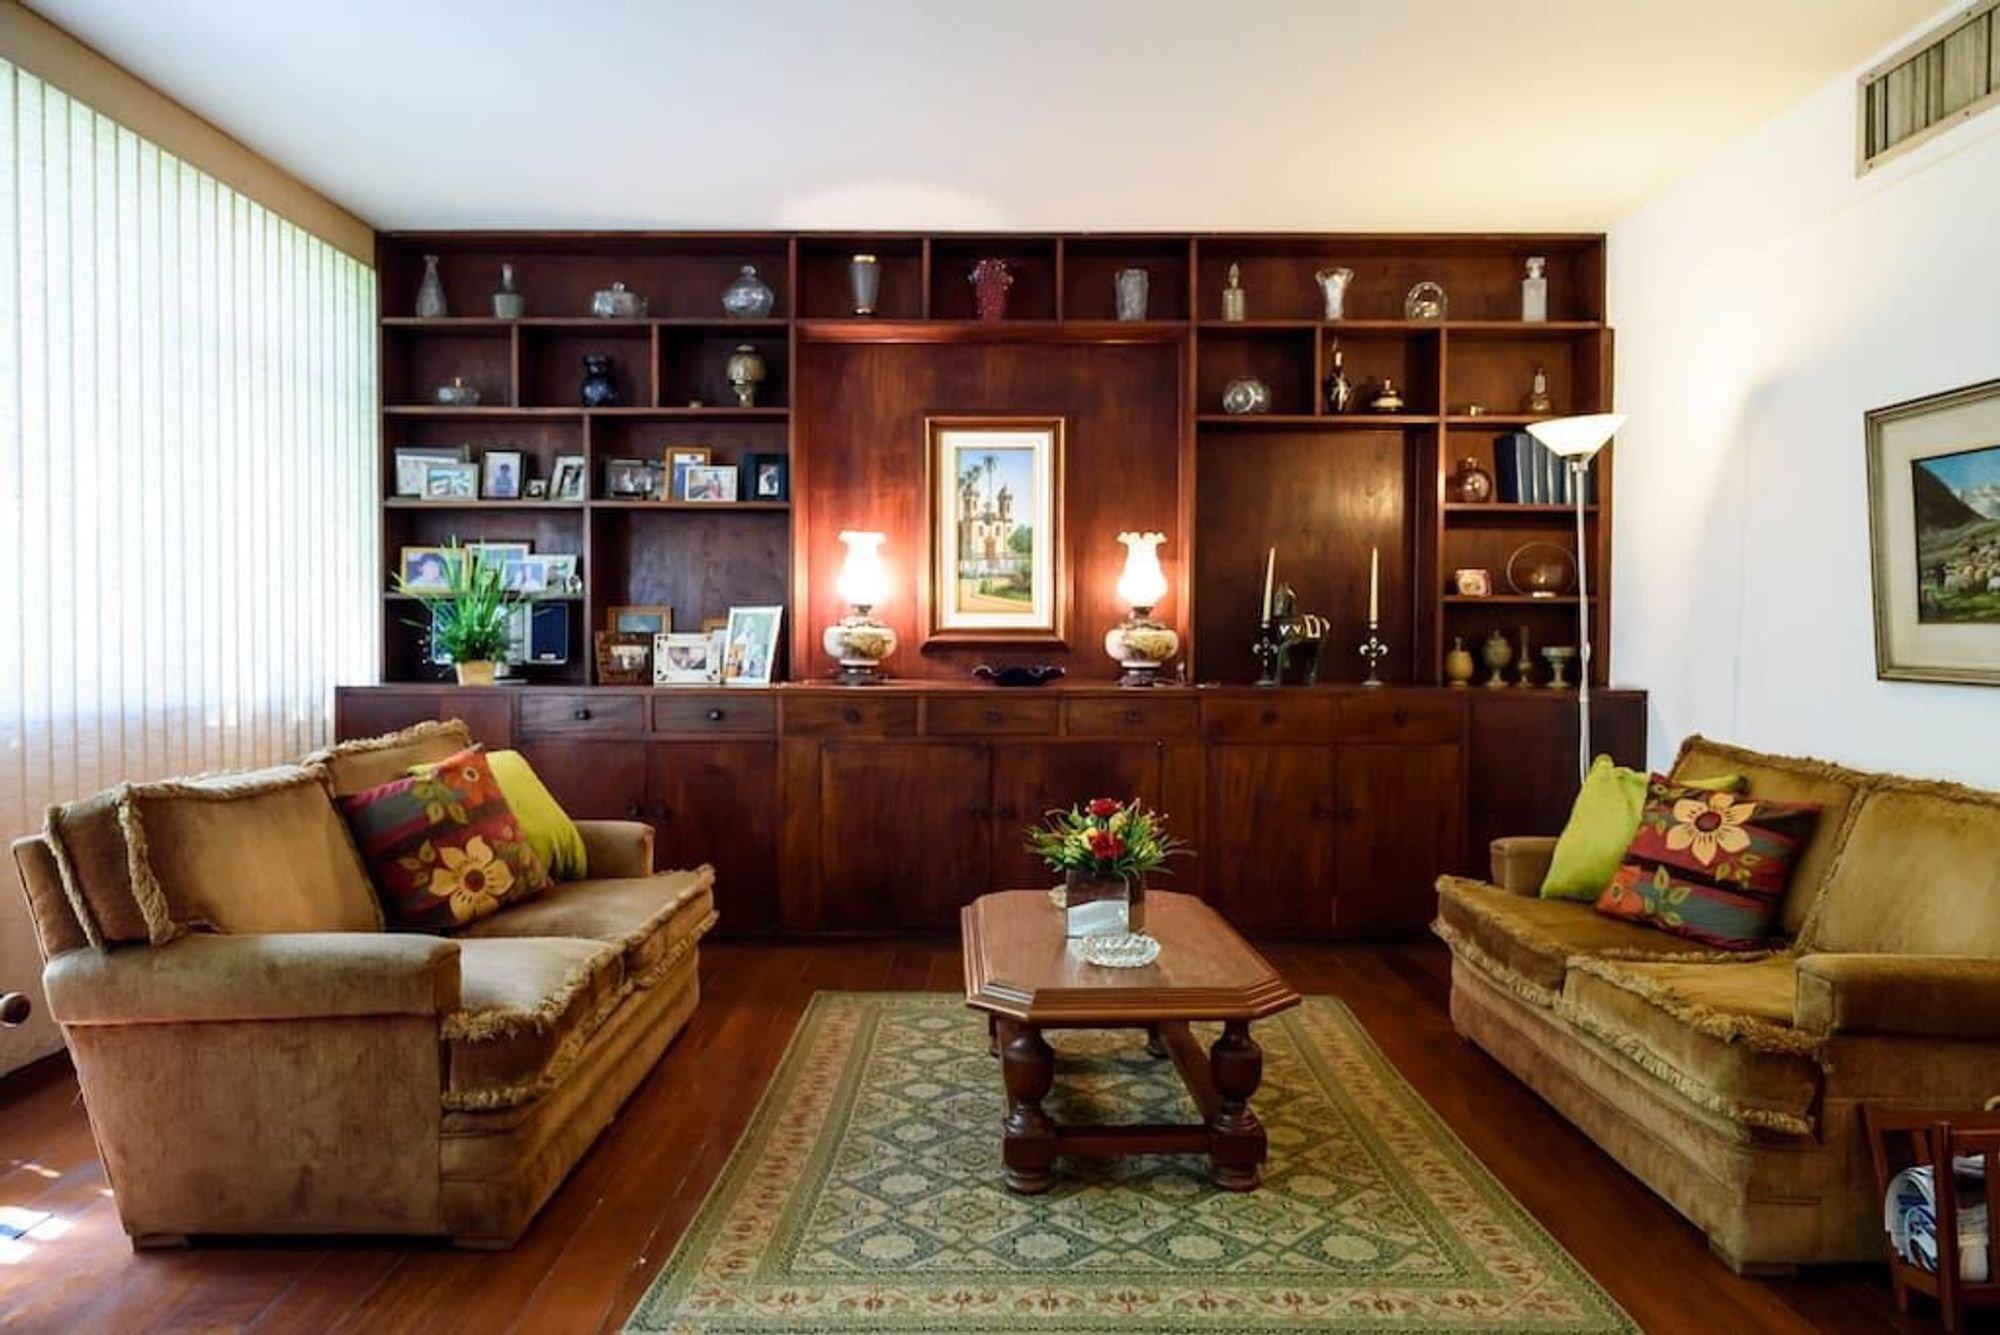 Foto de Sala com vaso de planta, sofá, vaso